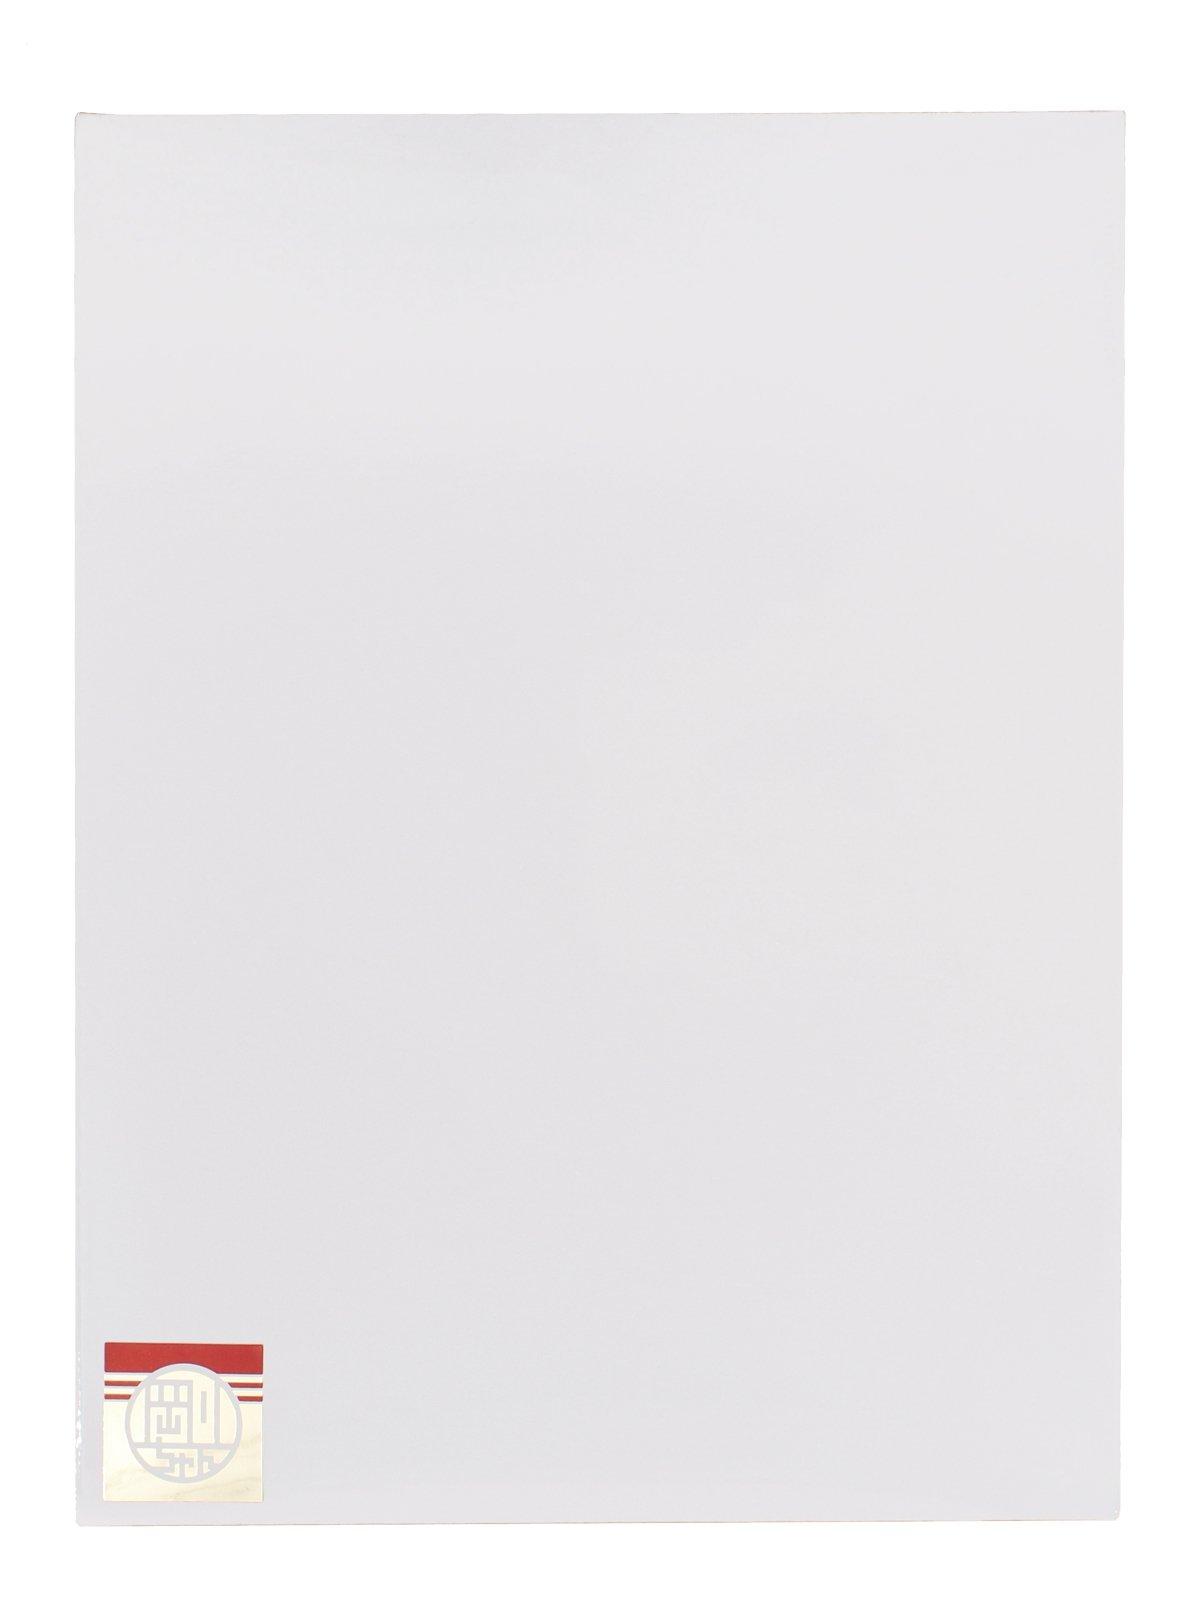 消防団法被デザインタオル用熨斗・ギフトボックス【単品購入不可】【画像10】